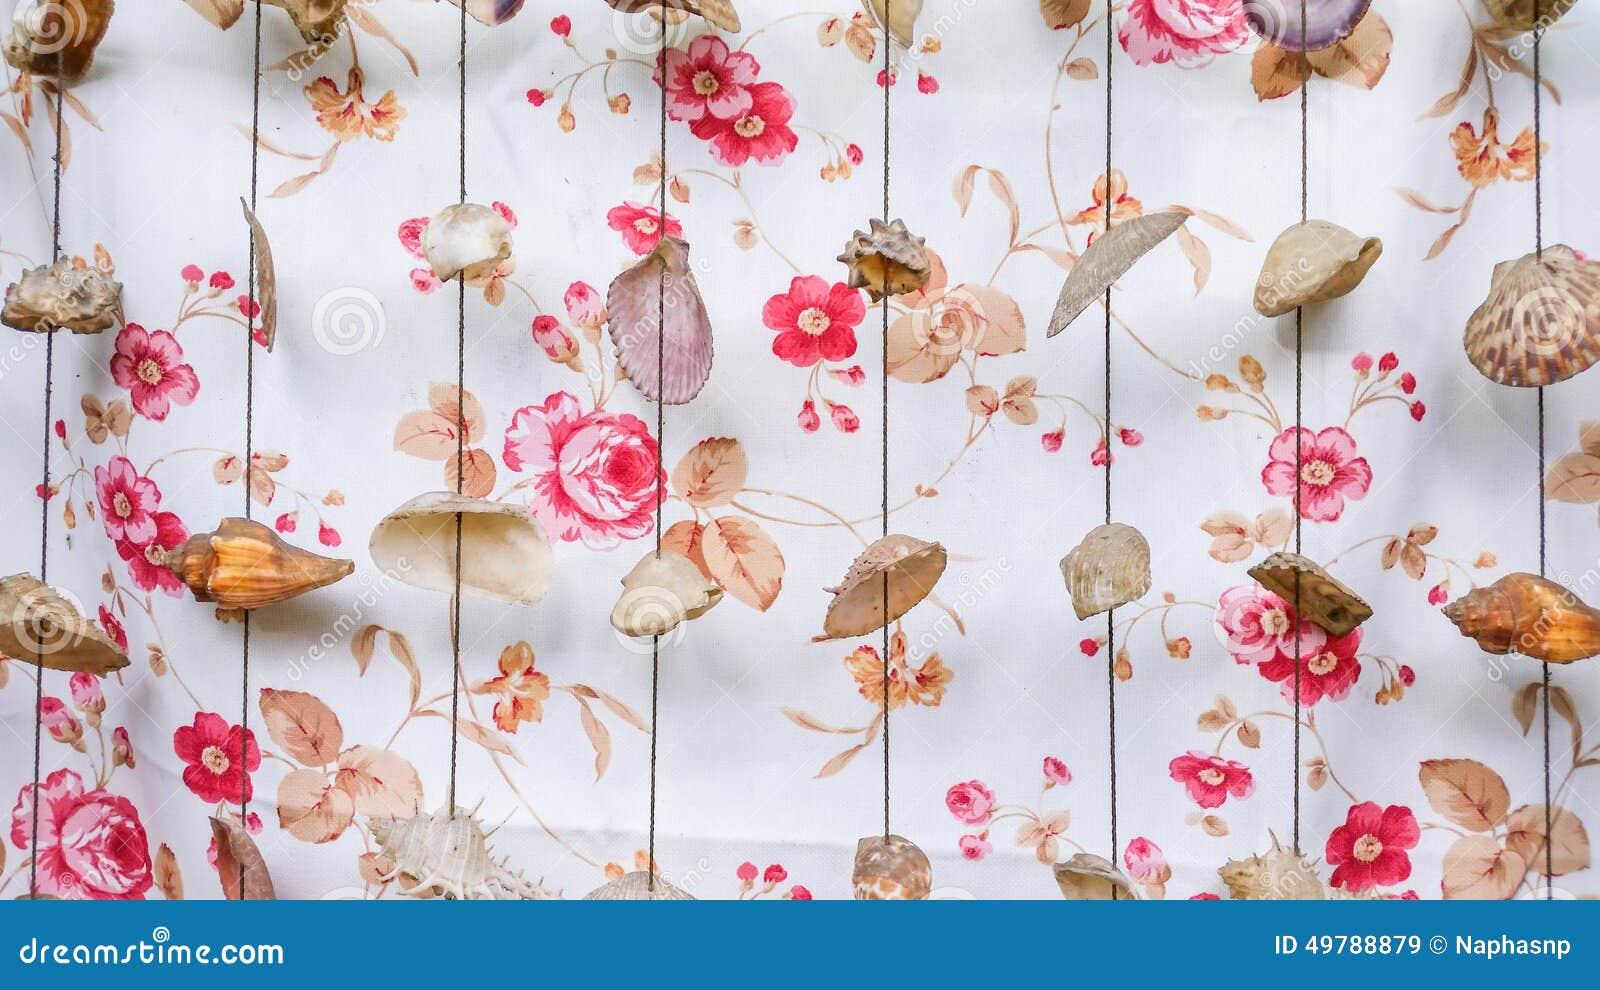 Great Wallpaper Mobile Vintage - vintage-wallpaper-shells-mobile-49788879  Image_1004355.jpg